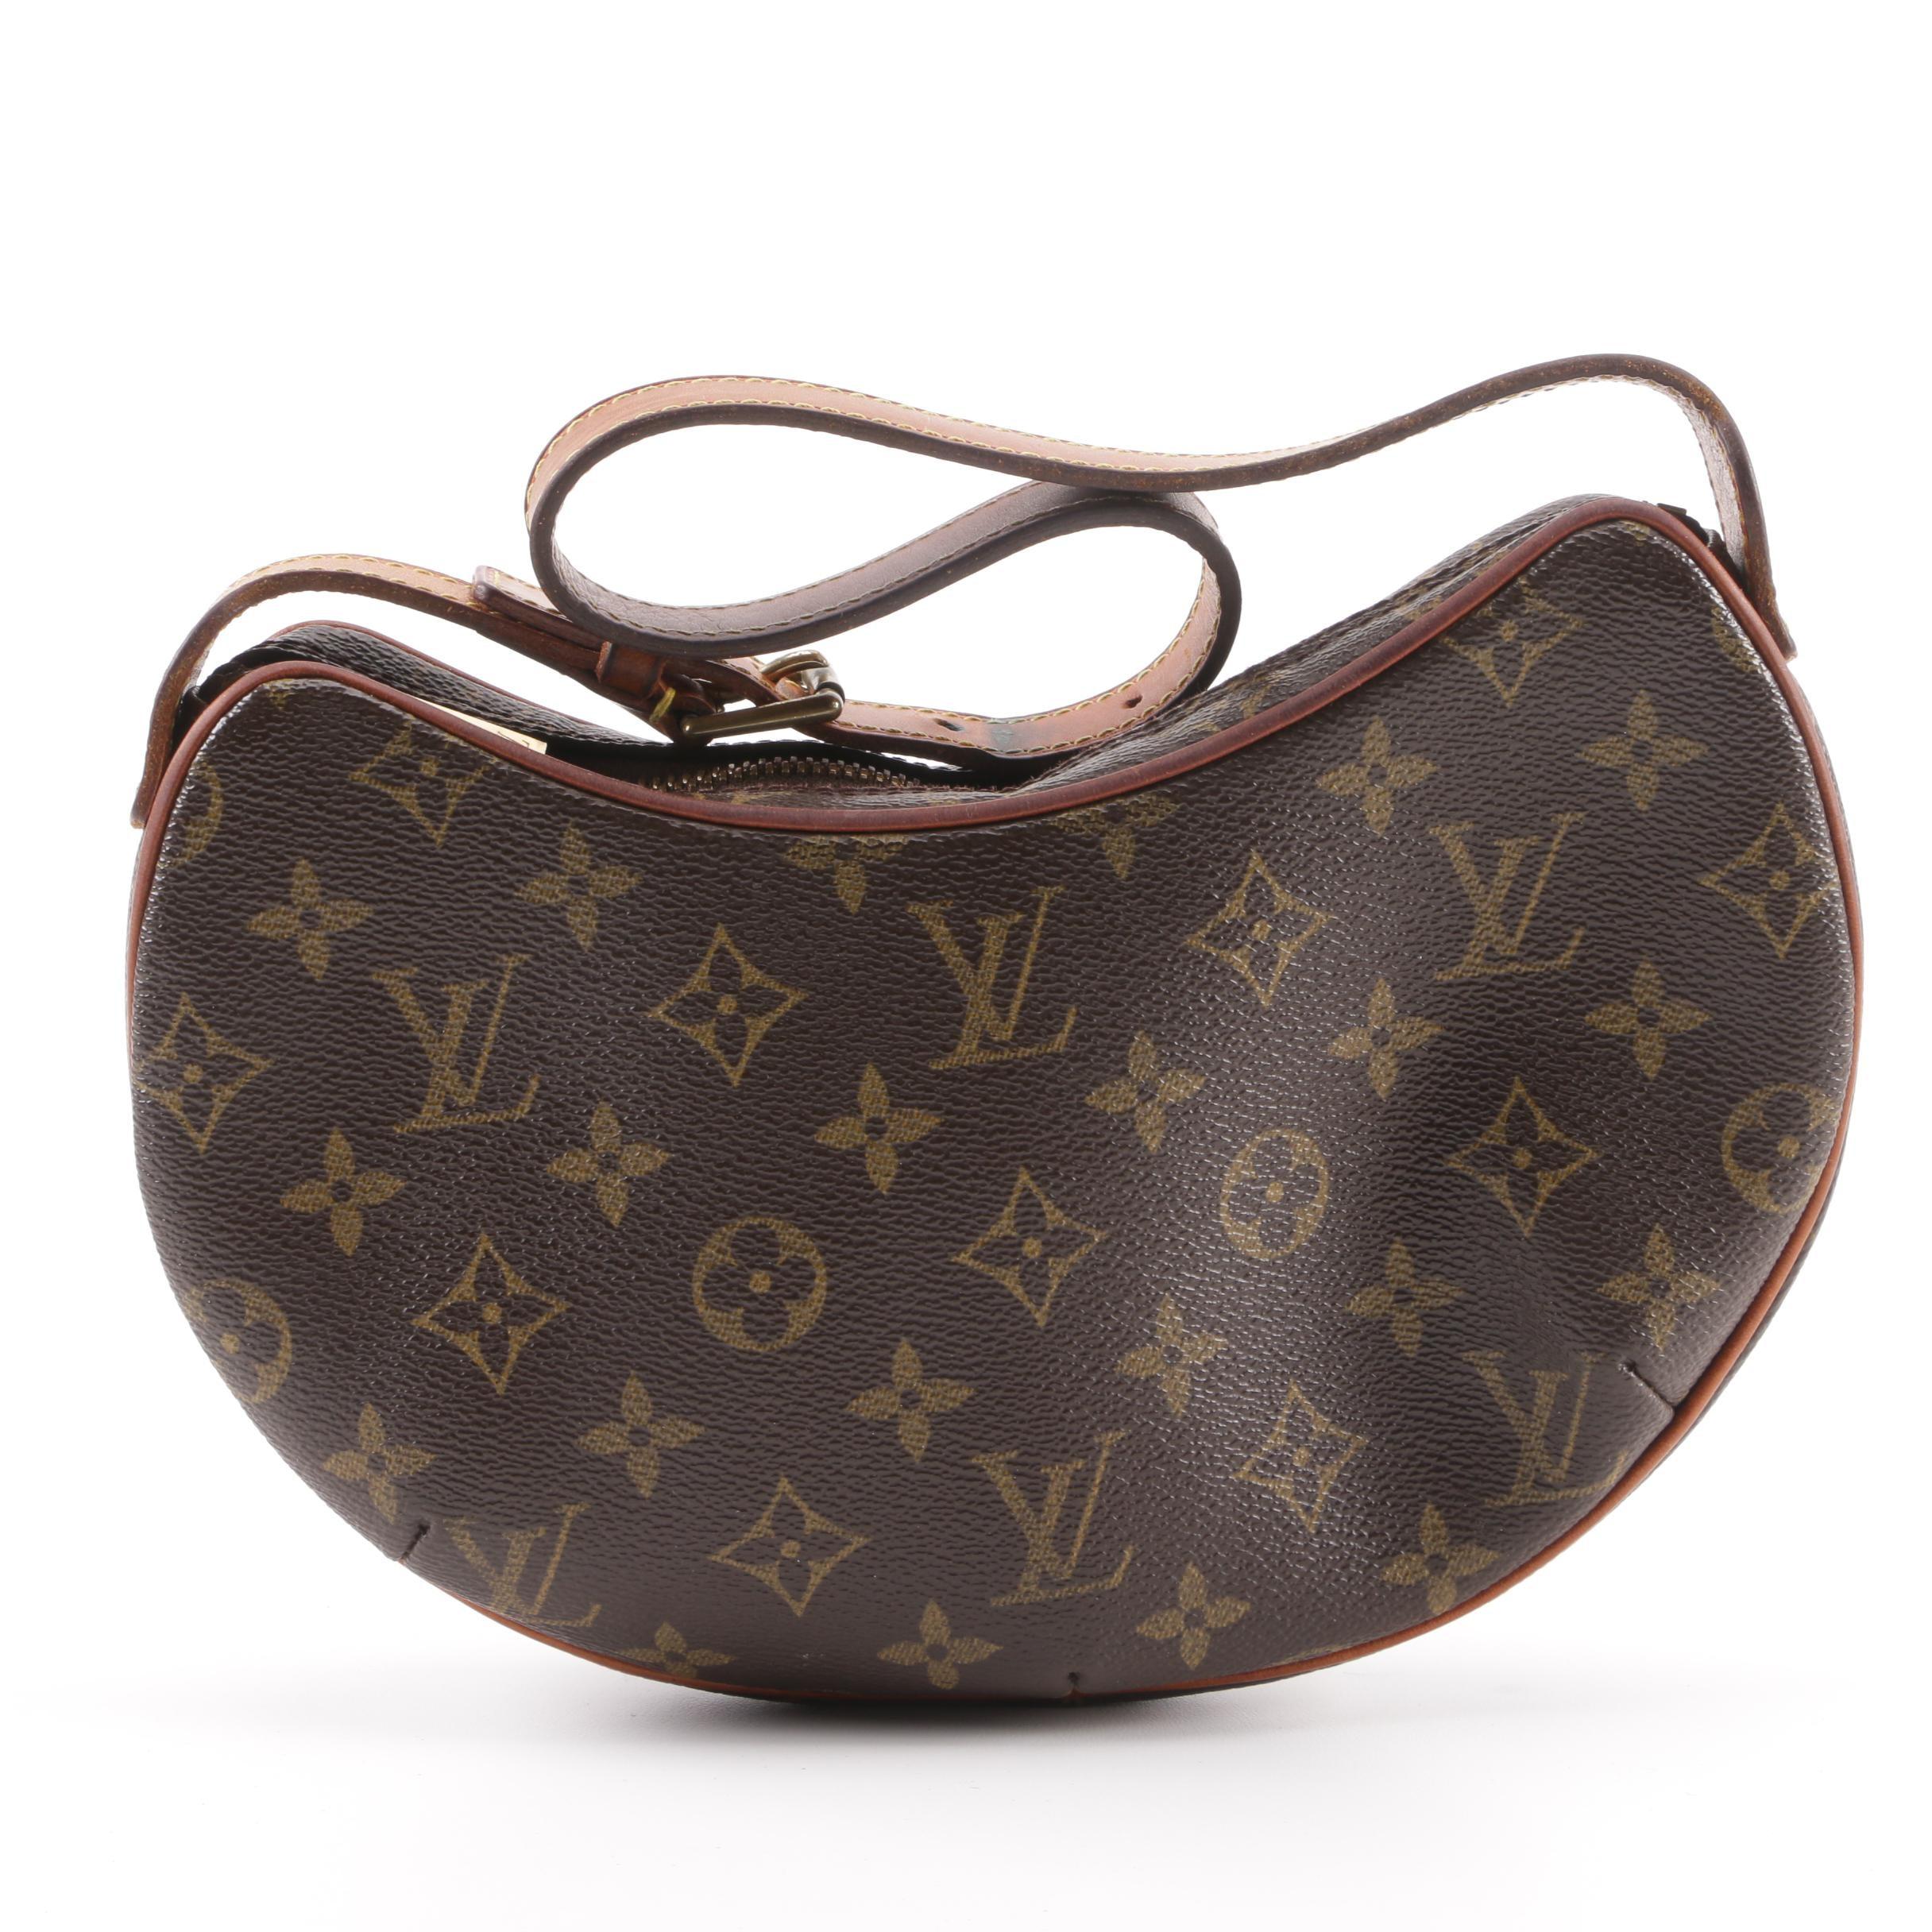 2008 Louis Vuitton Monogram Canvas Croissant Handbag